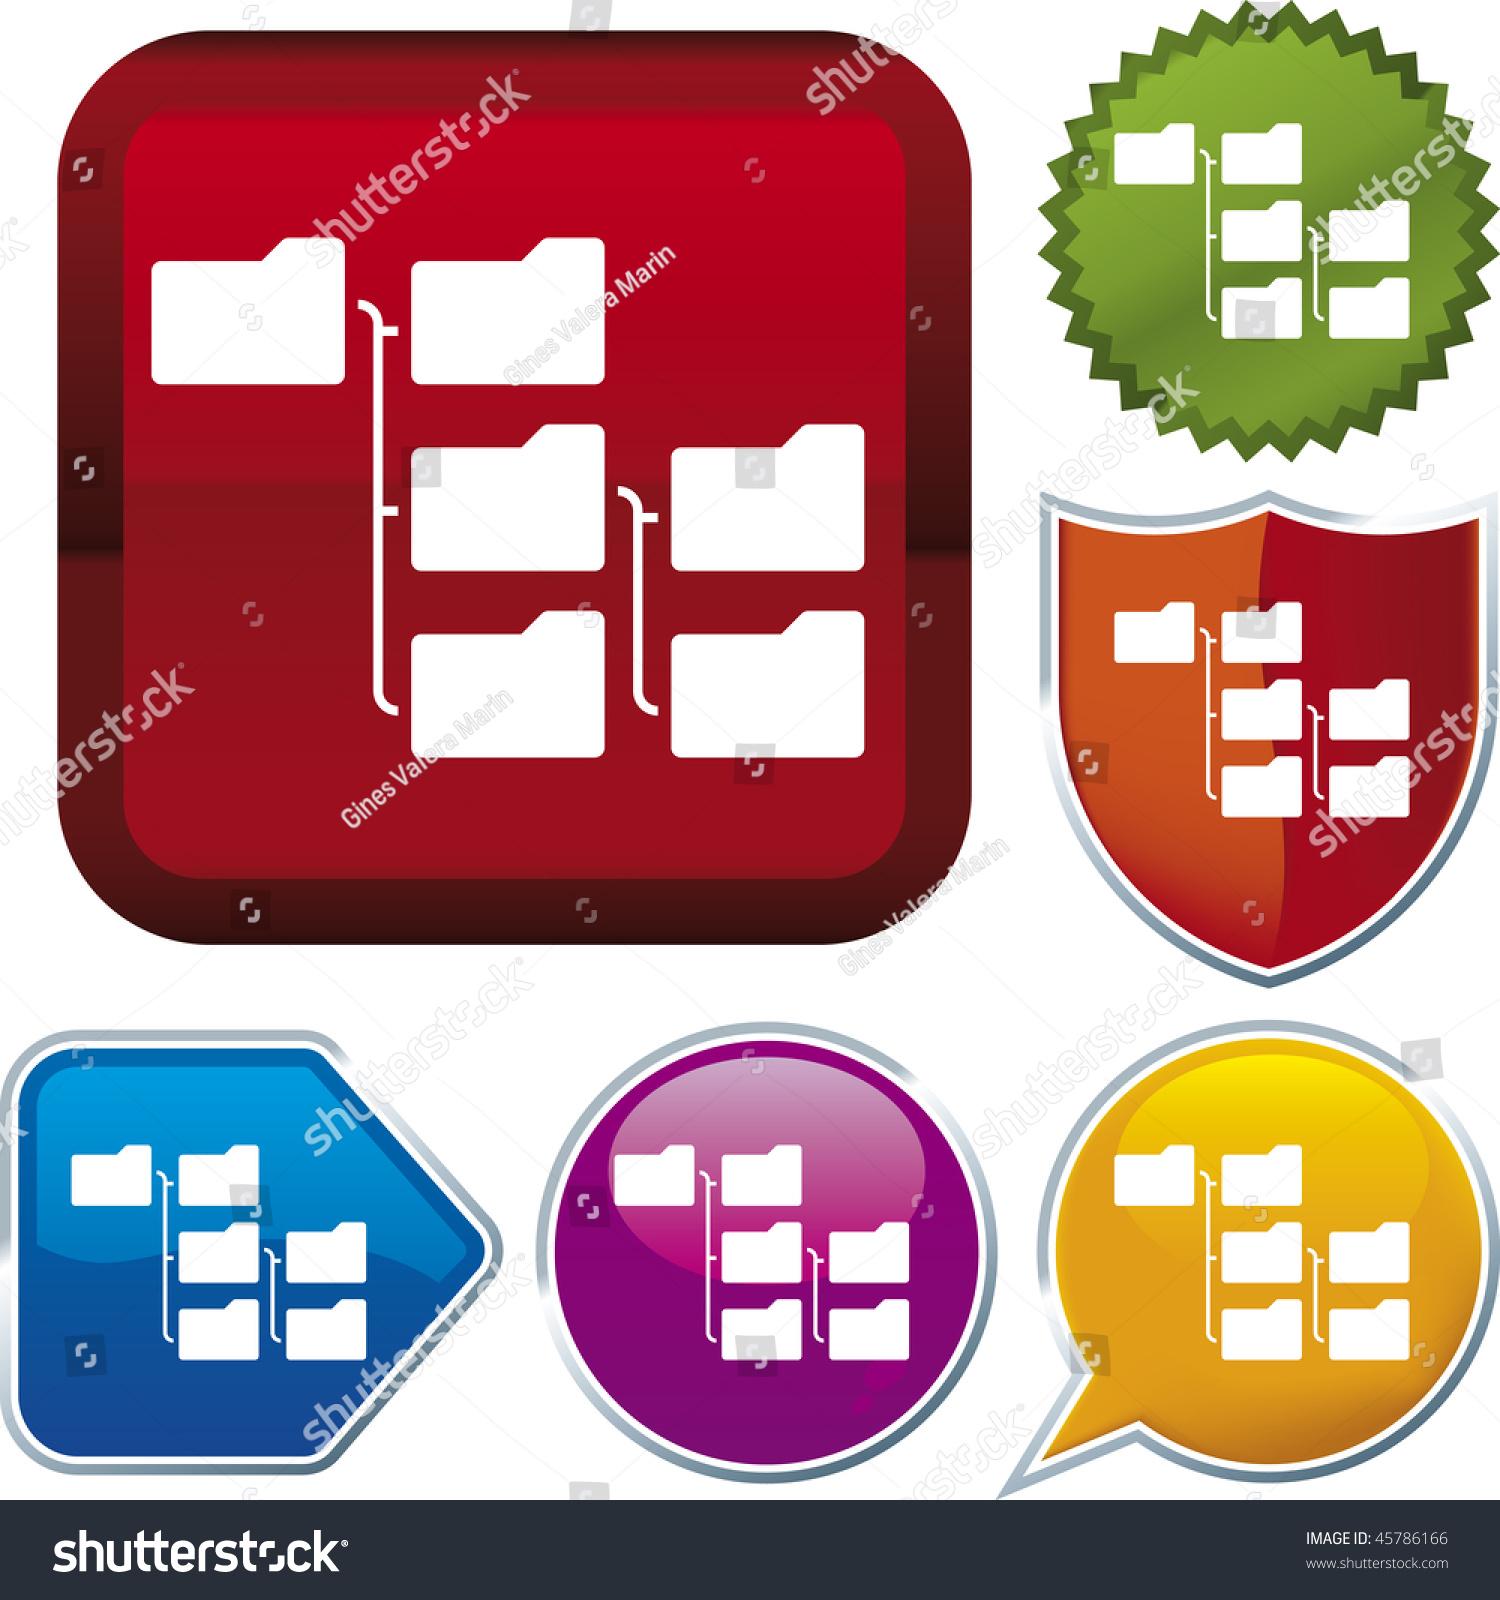 层次结构的矢量图标说明不同的按钮。只有全球的颜色。CMYK。简单的颜色和比例的变化。 - 插图/剪贴图,符号/标志 - 站酷海洛创意正版图片,视频,音乐素材交易平台 - Shutterstock中国独家合作伙伴 - 站酷旗下品牌